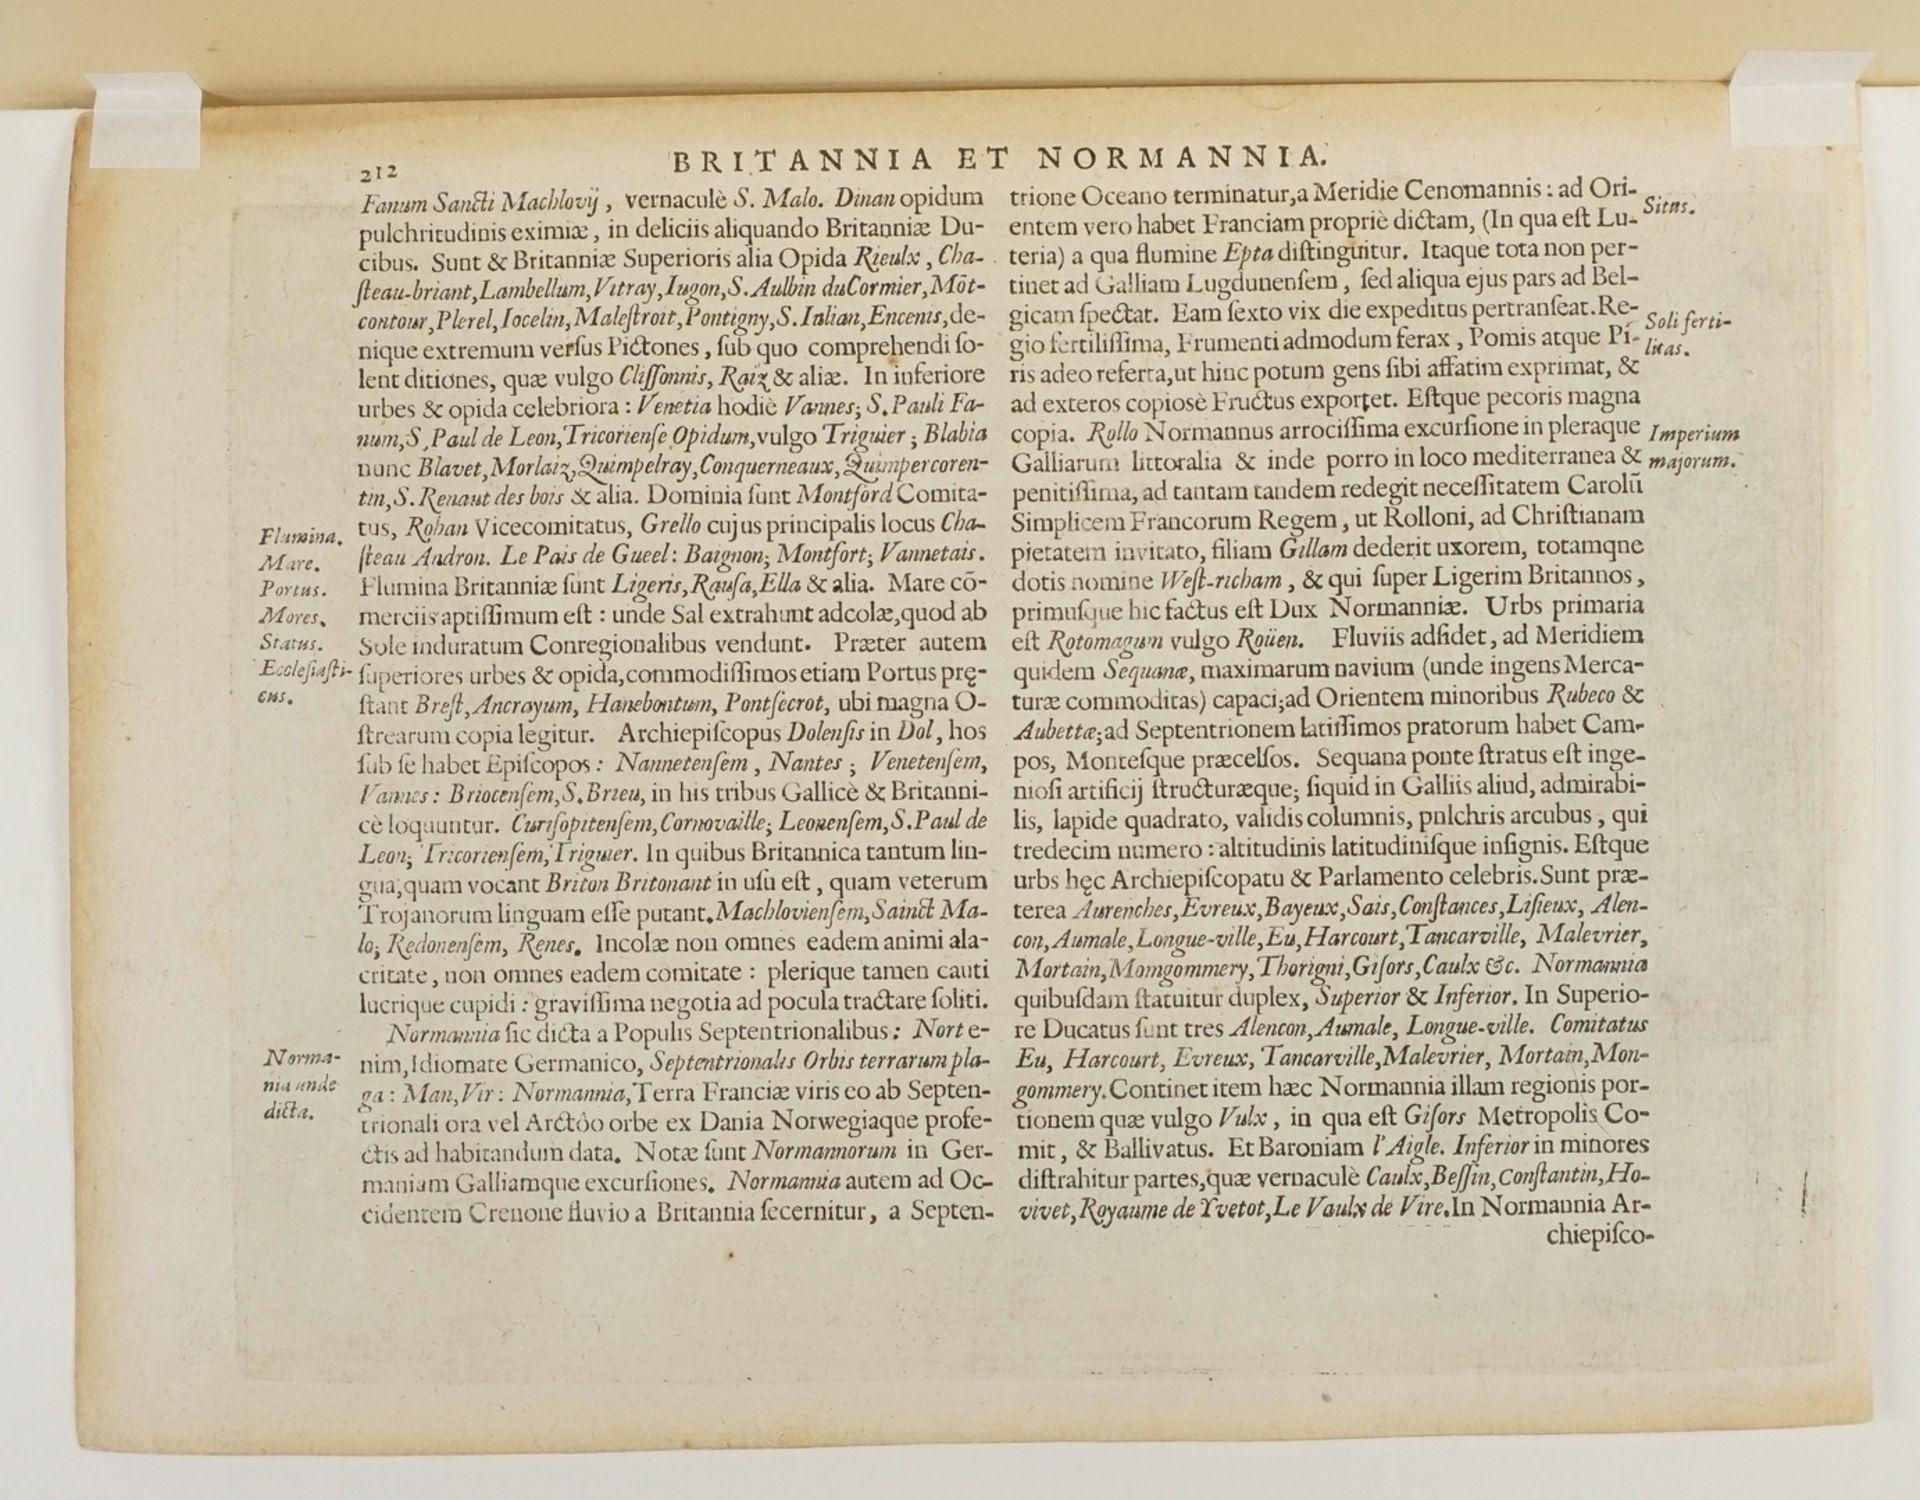 """Gerhard Mercator, """"Bretania et Normandia cum confinijs"""" (Landkarte der Bretagne und Normandie) - Bild 4 aus 4"""